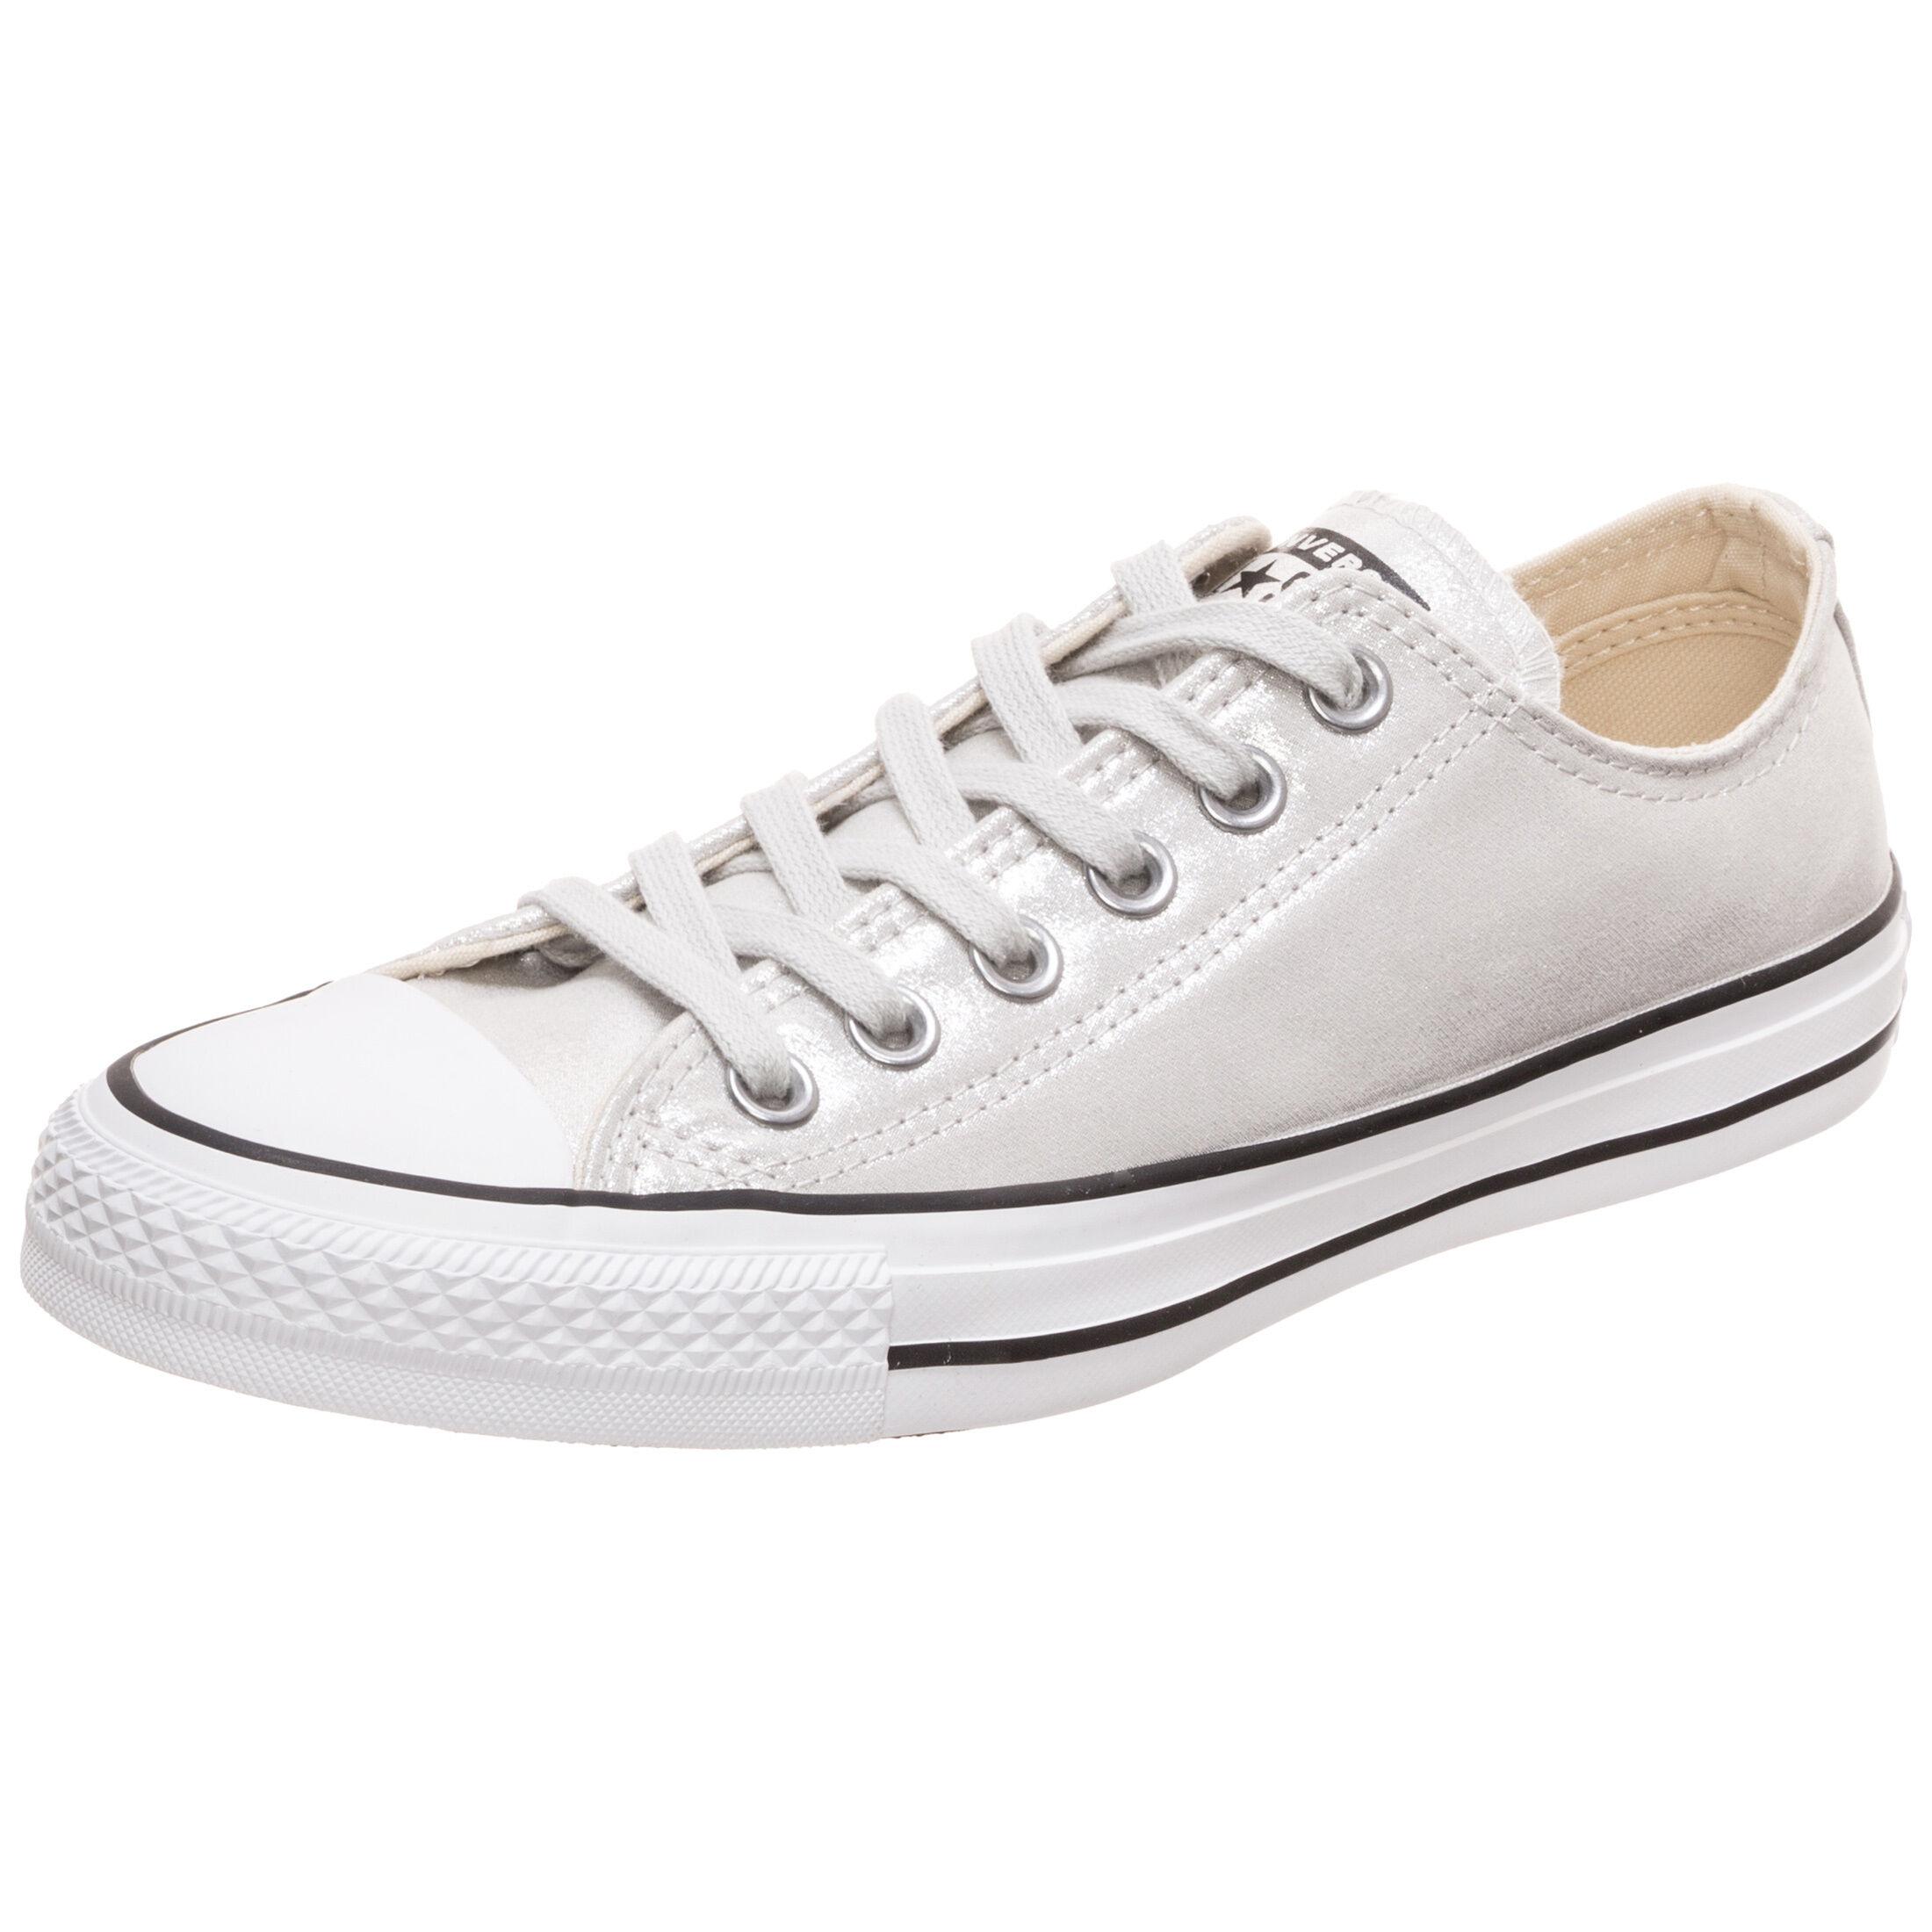 Besondere CONVERSE Sneaker CHUCK TAYLOR ALL STAR OX Damen